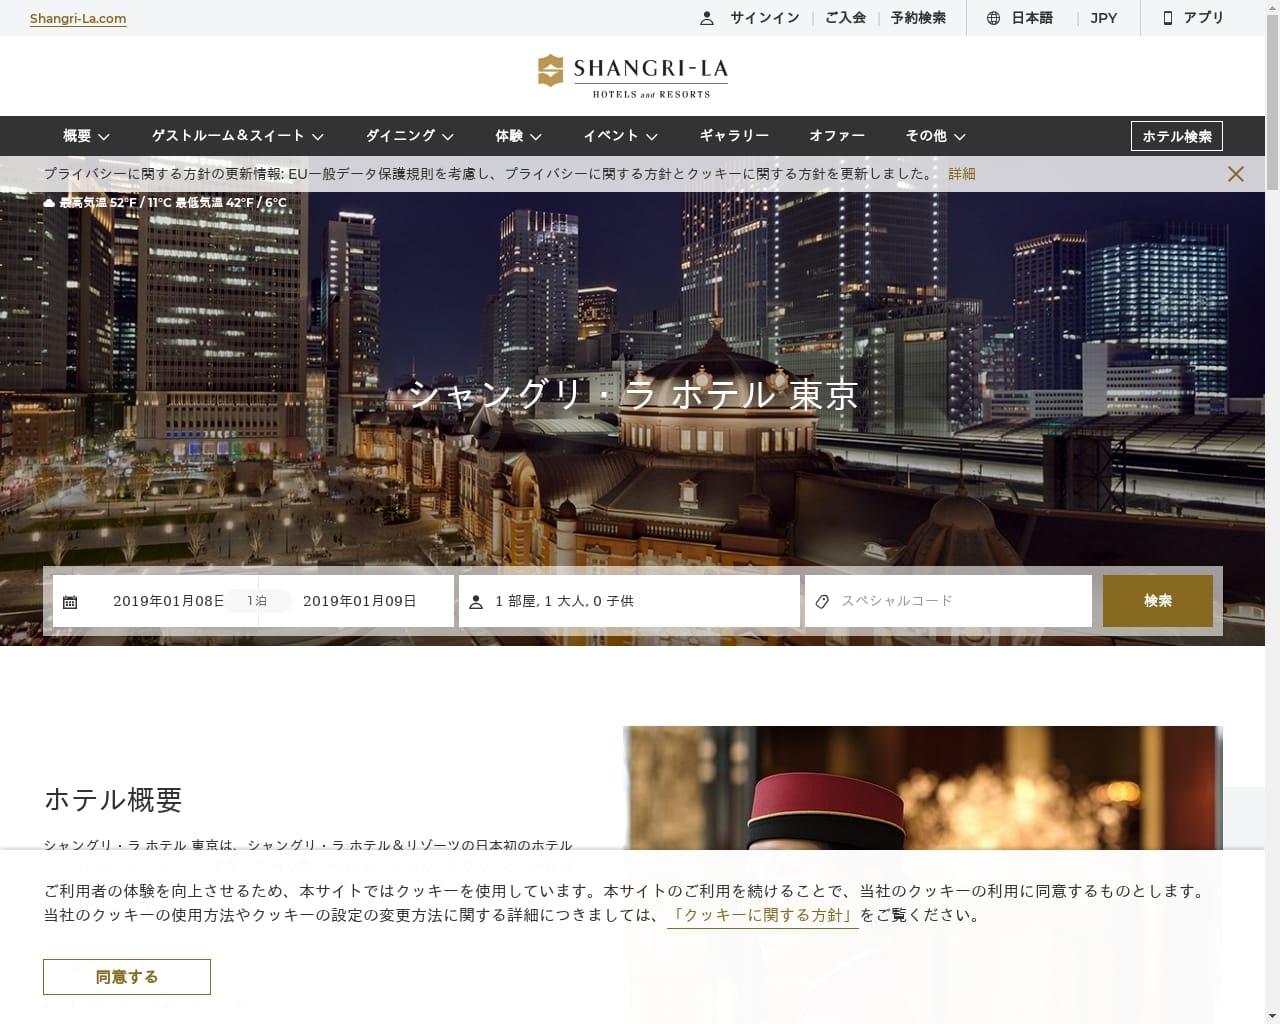 高級ホテル特集 シャングリ・ラ ホテル 東京